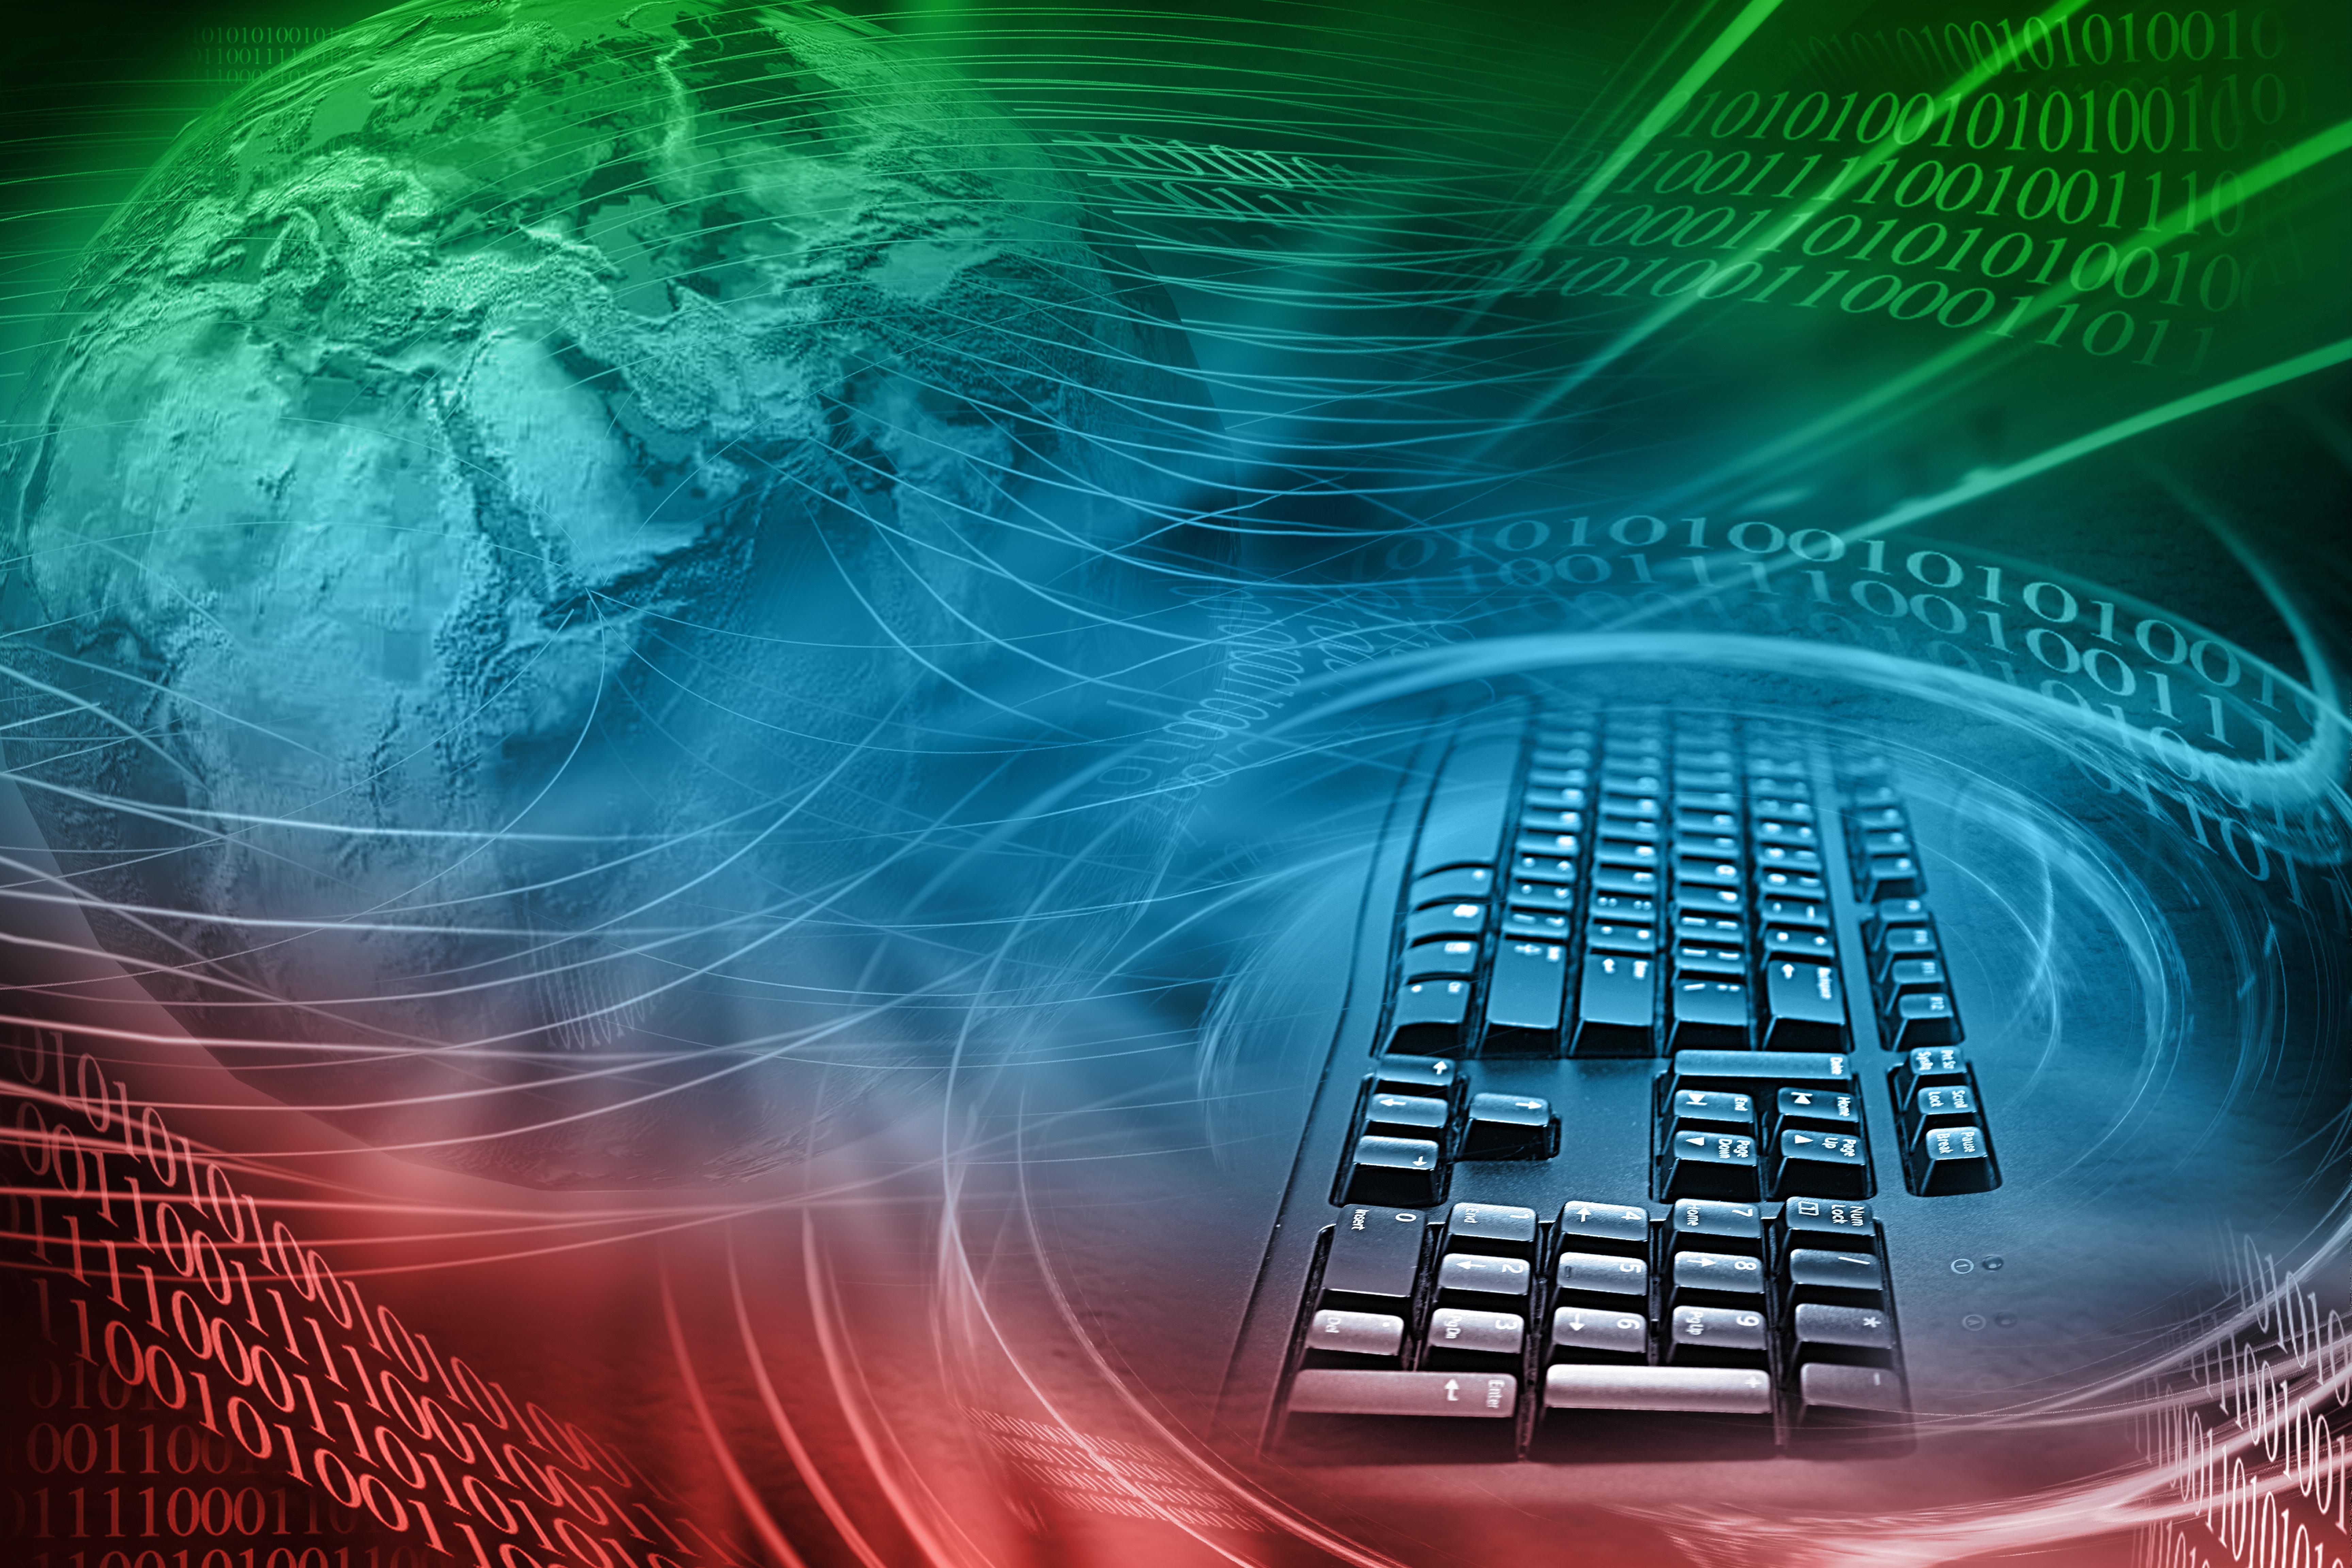 Ciberseguridad en Latinoamérica, asignatura pendiente